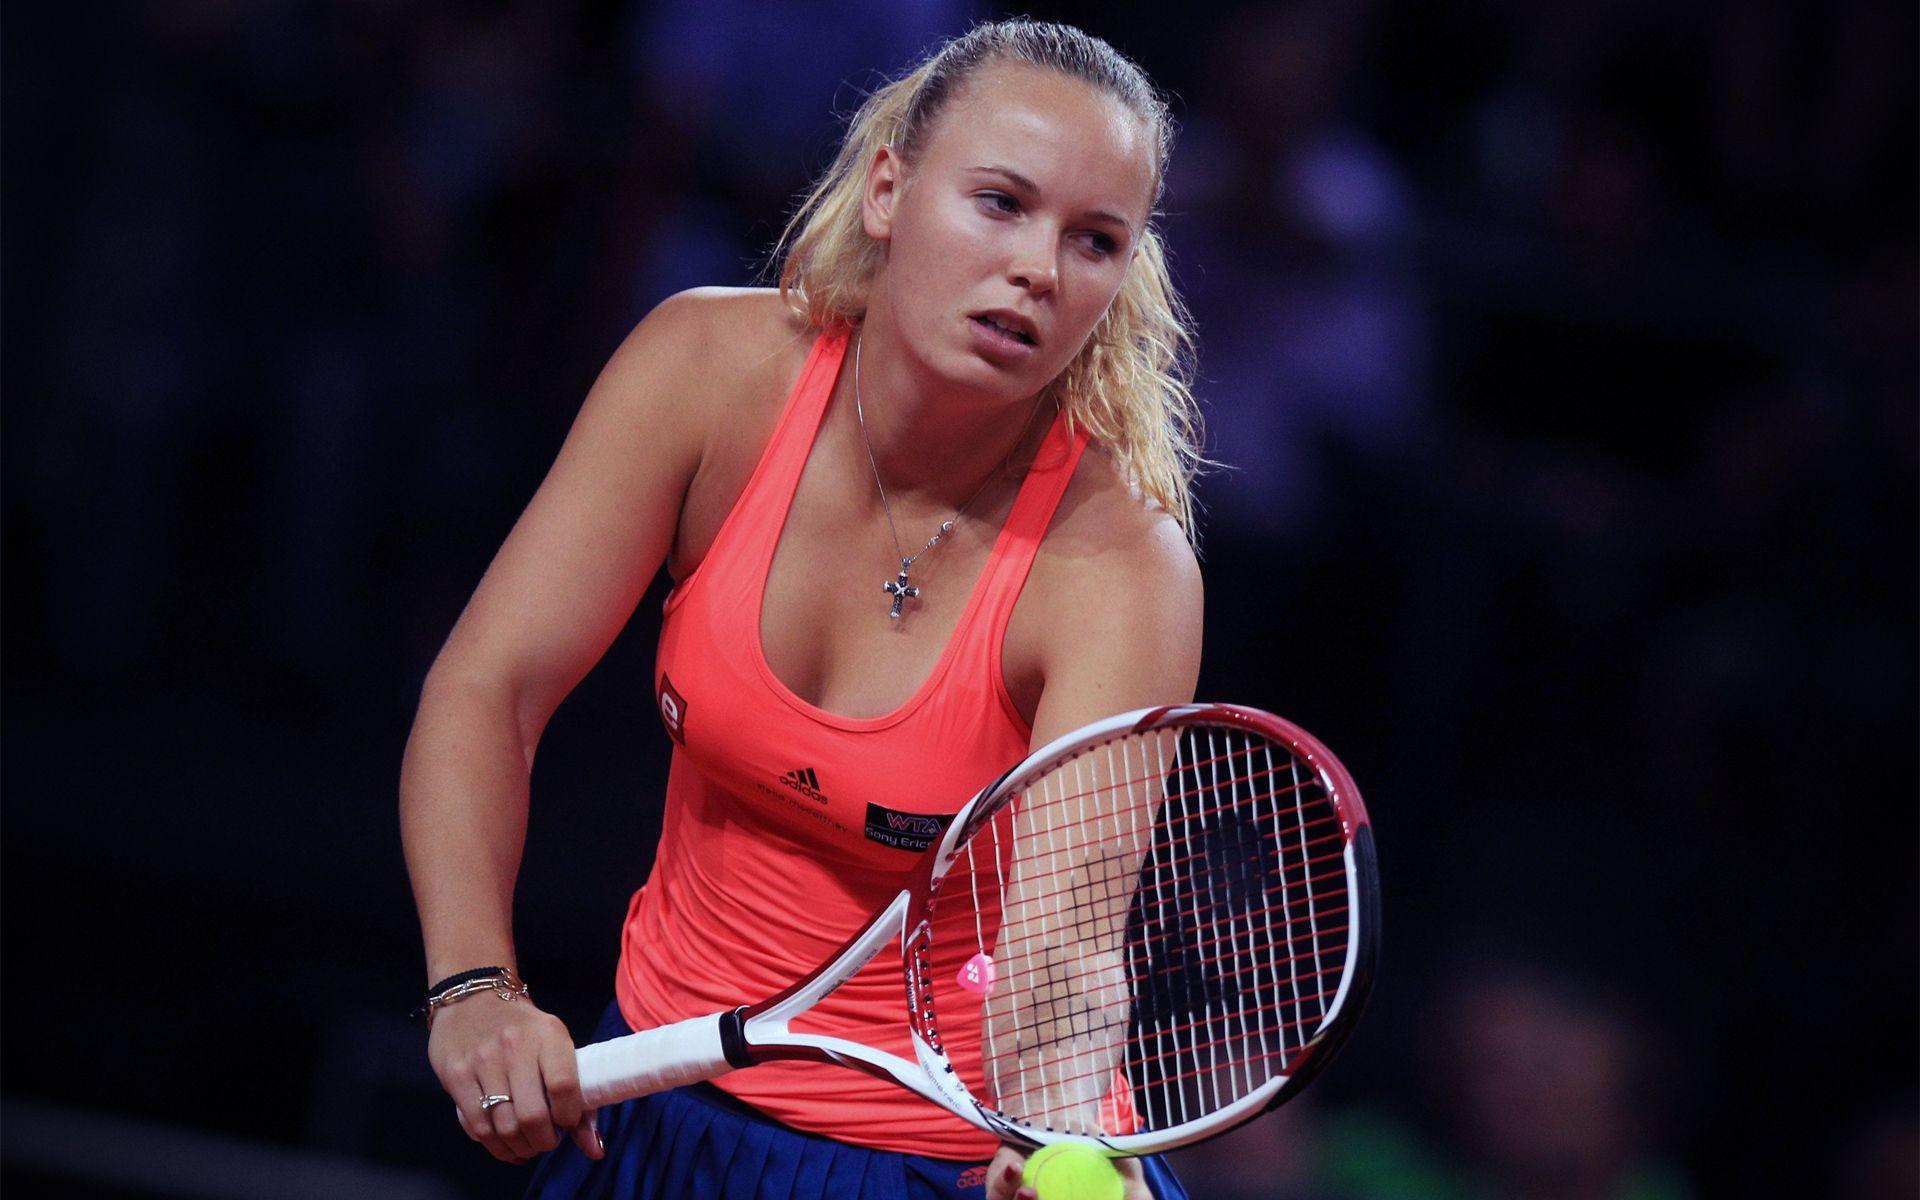 Woman Tennis Player 1080p Hd Wallpaper Sports: Caroline-wozniacki-hd-images-8